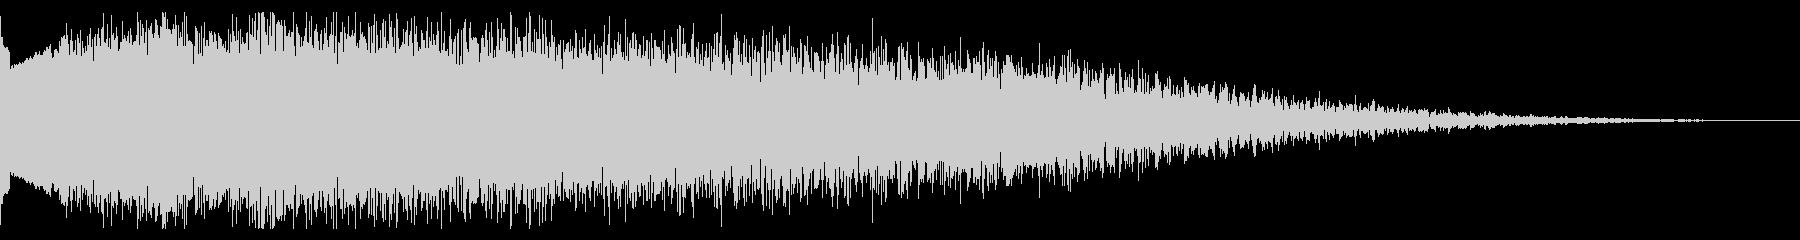 ヒューン(徐々に降下していく音)の未再生の波形